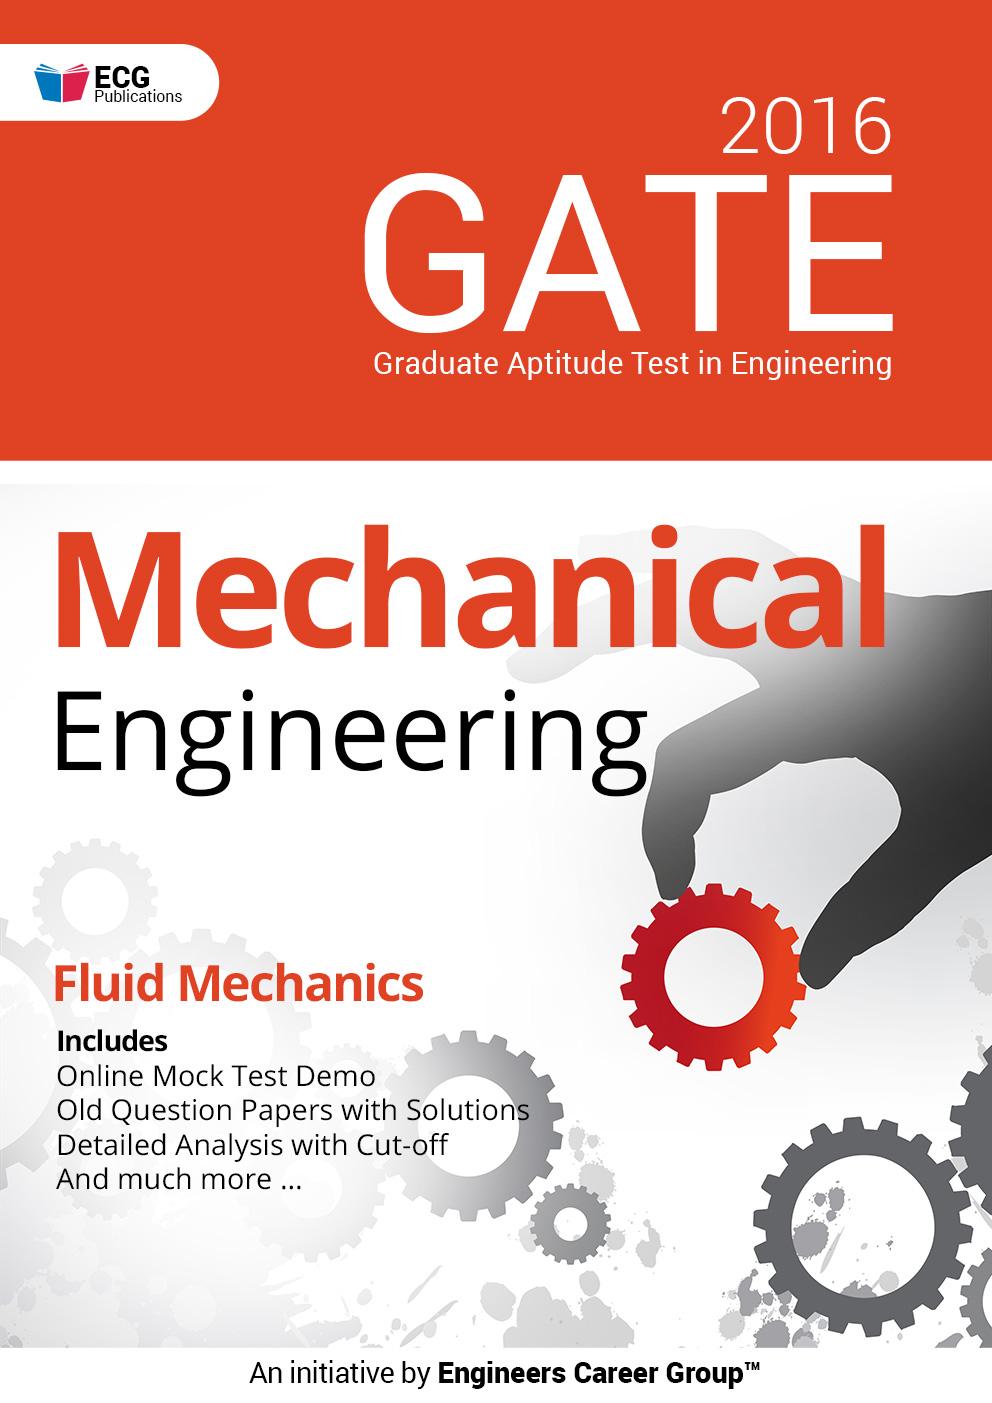 ECG Publications | Engineers Career Group